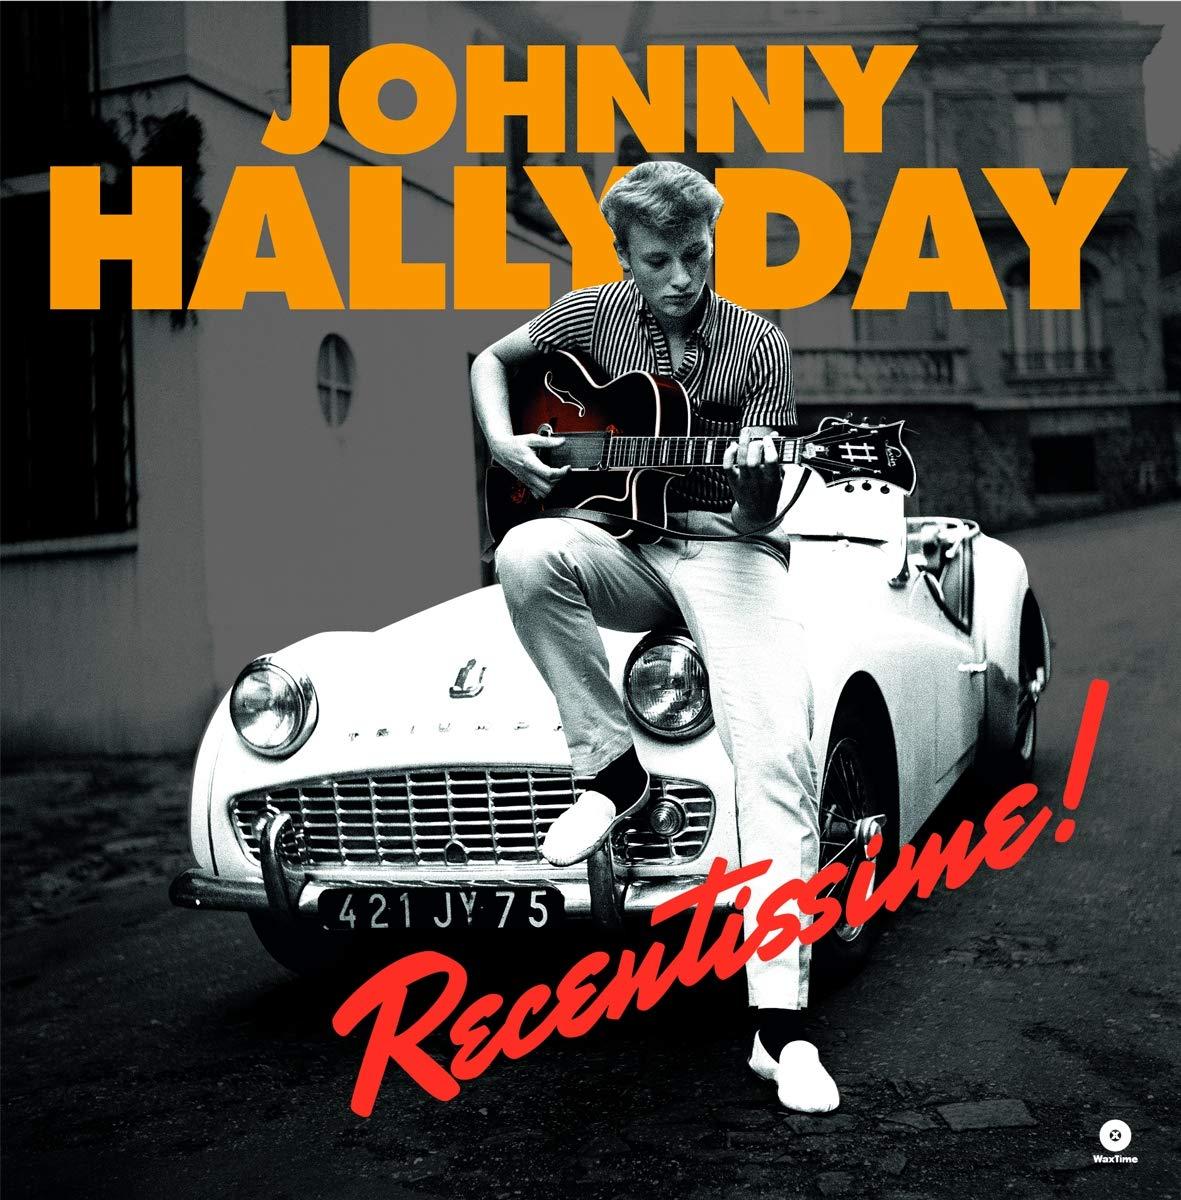 Vinilo : Johnny Hallyday - Recentissime (180 Gram Vinyl, Limited Edition, Virgin Vinyl, Spain - Import)